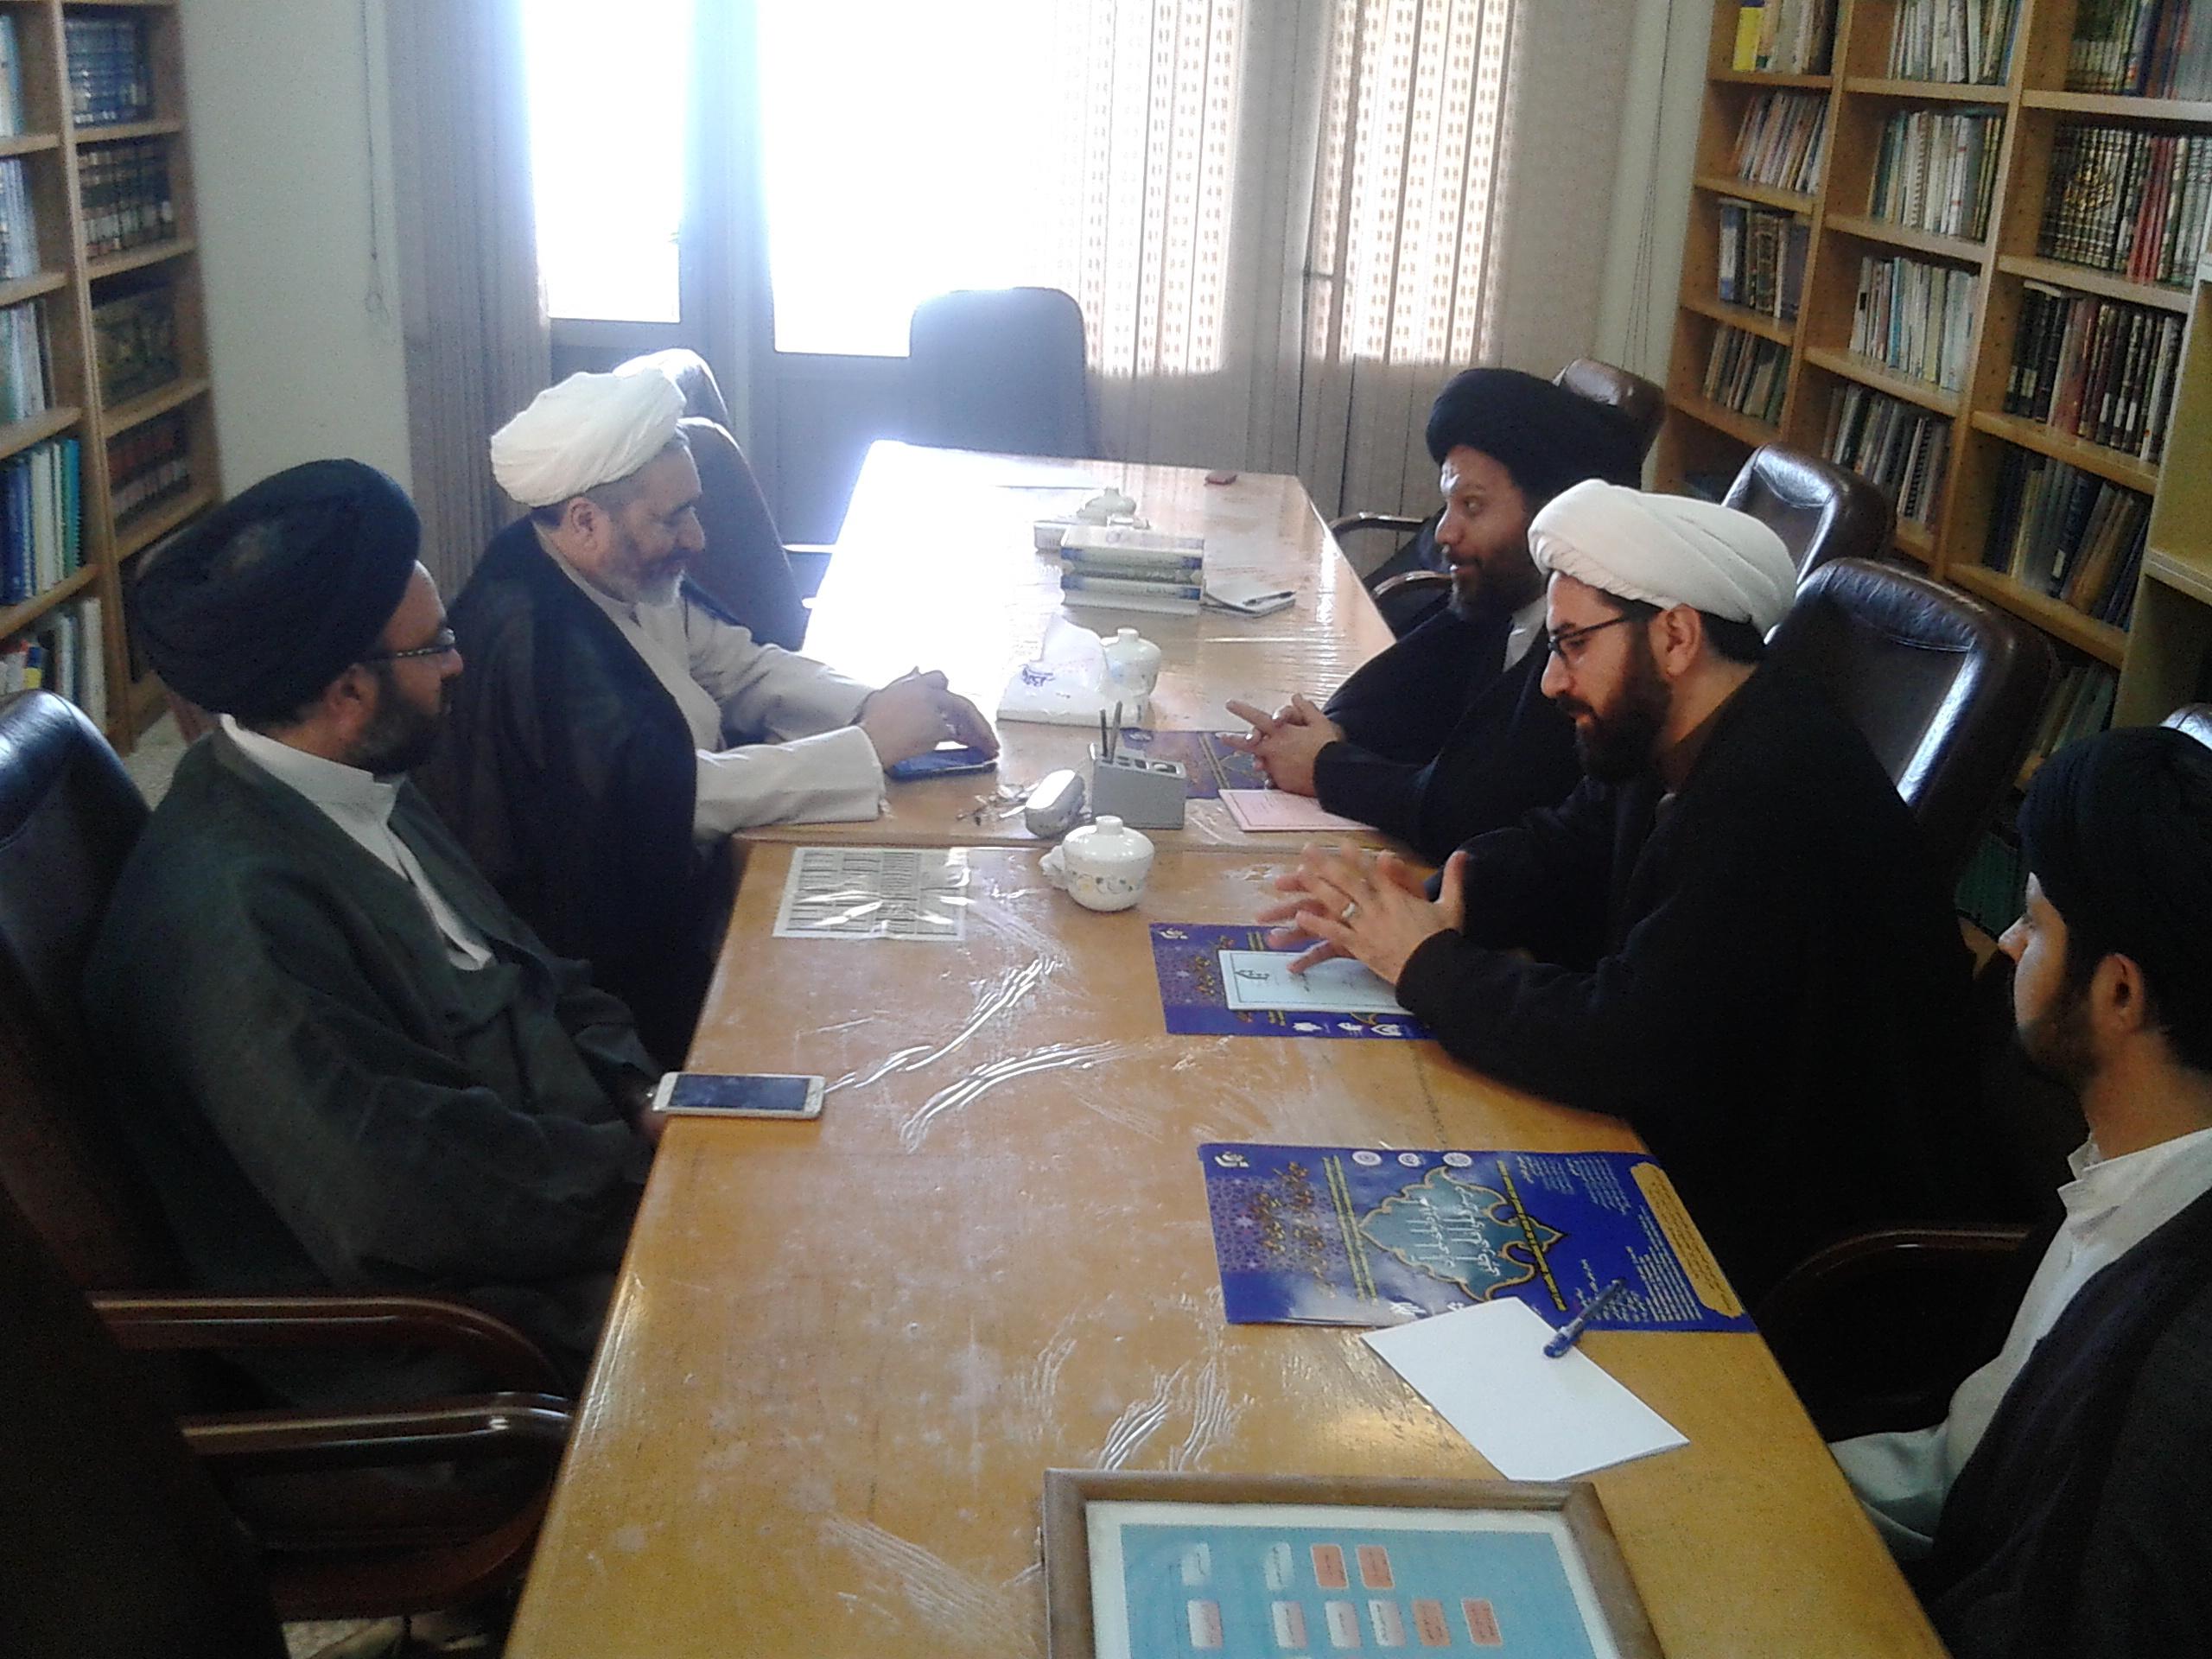 دیدار مسئولین برگزارکننده همایش با رئیس مدرسه عالی قرآن و حدیث امام خمینی(ره)12